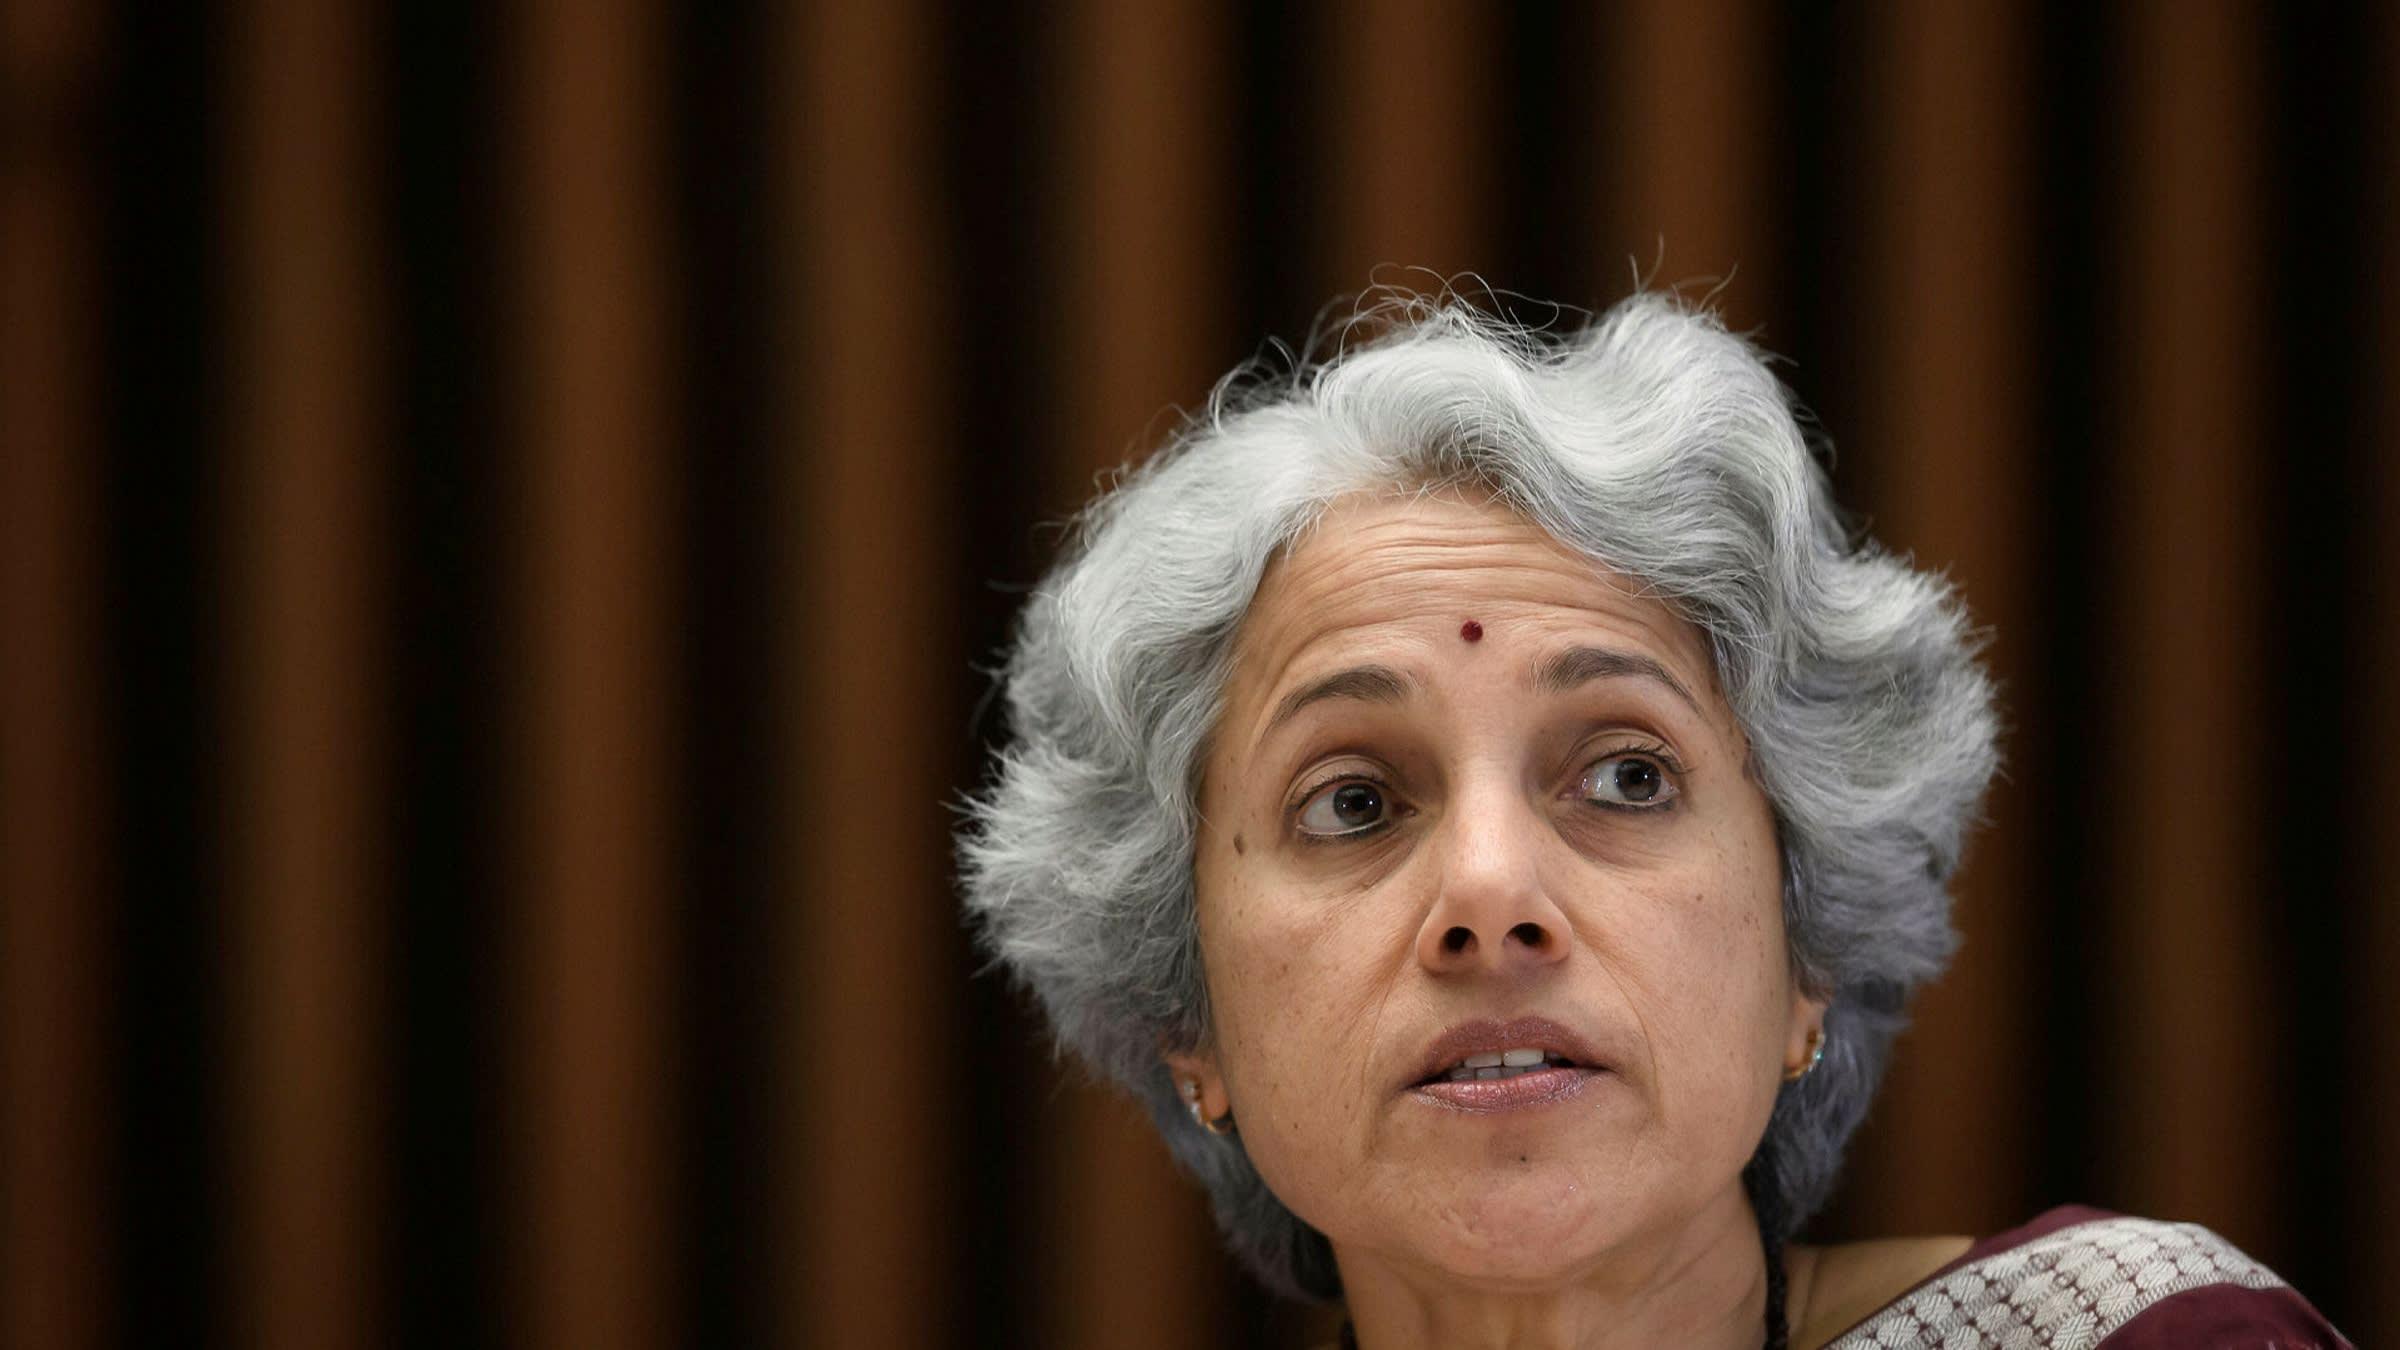 سوميا سواميناثان